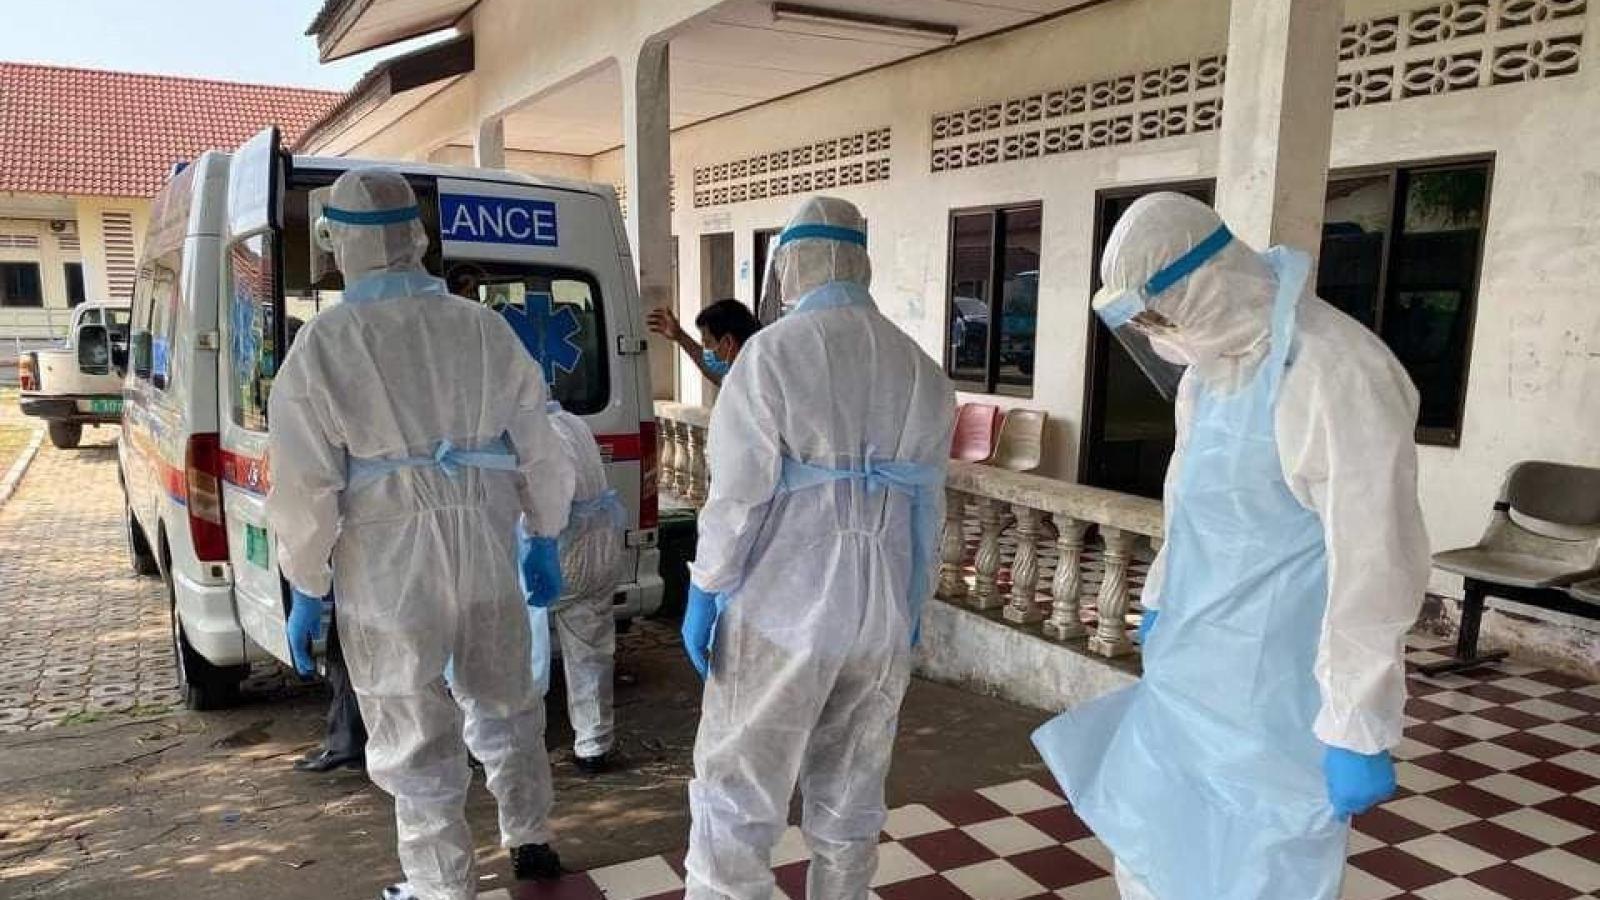 Campuchia phát hiện thêm 2 ca Covid-19 lây nhiễm trong cộng đồng